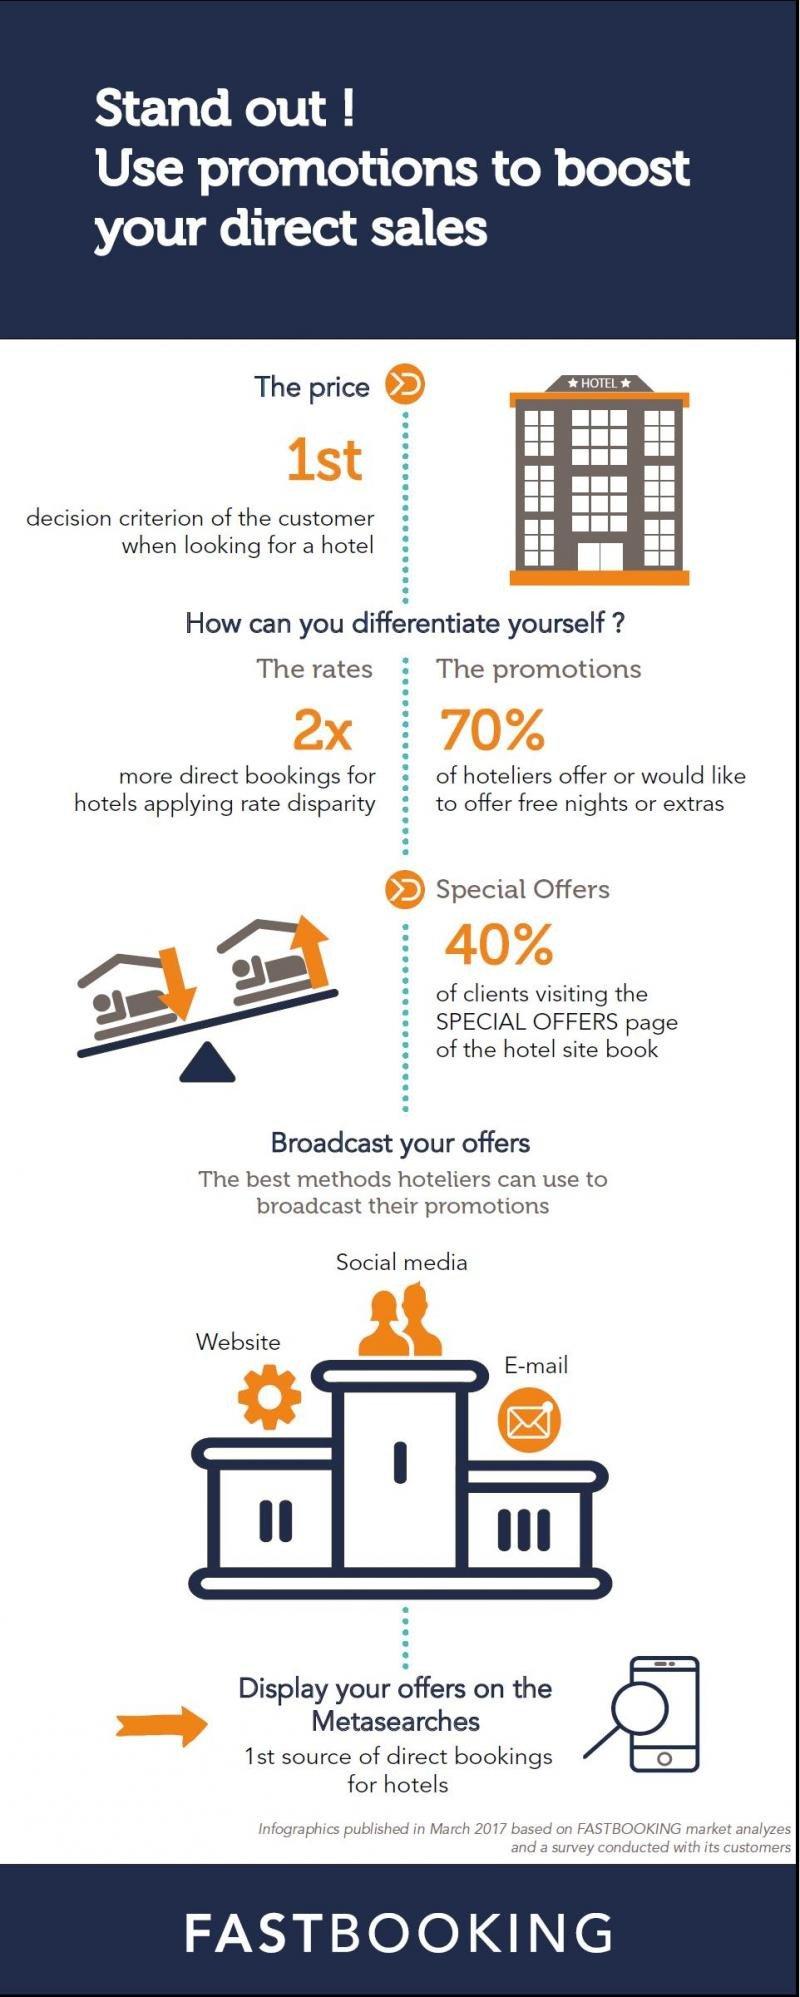 Campañas de promoción para impulsar la venta directa en los hoteles